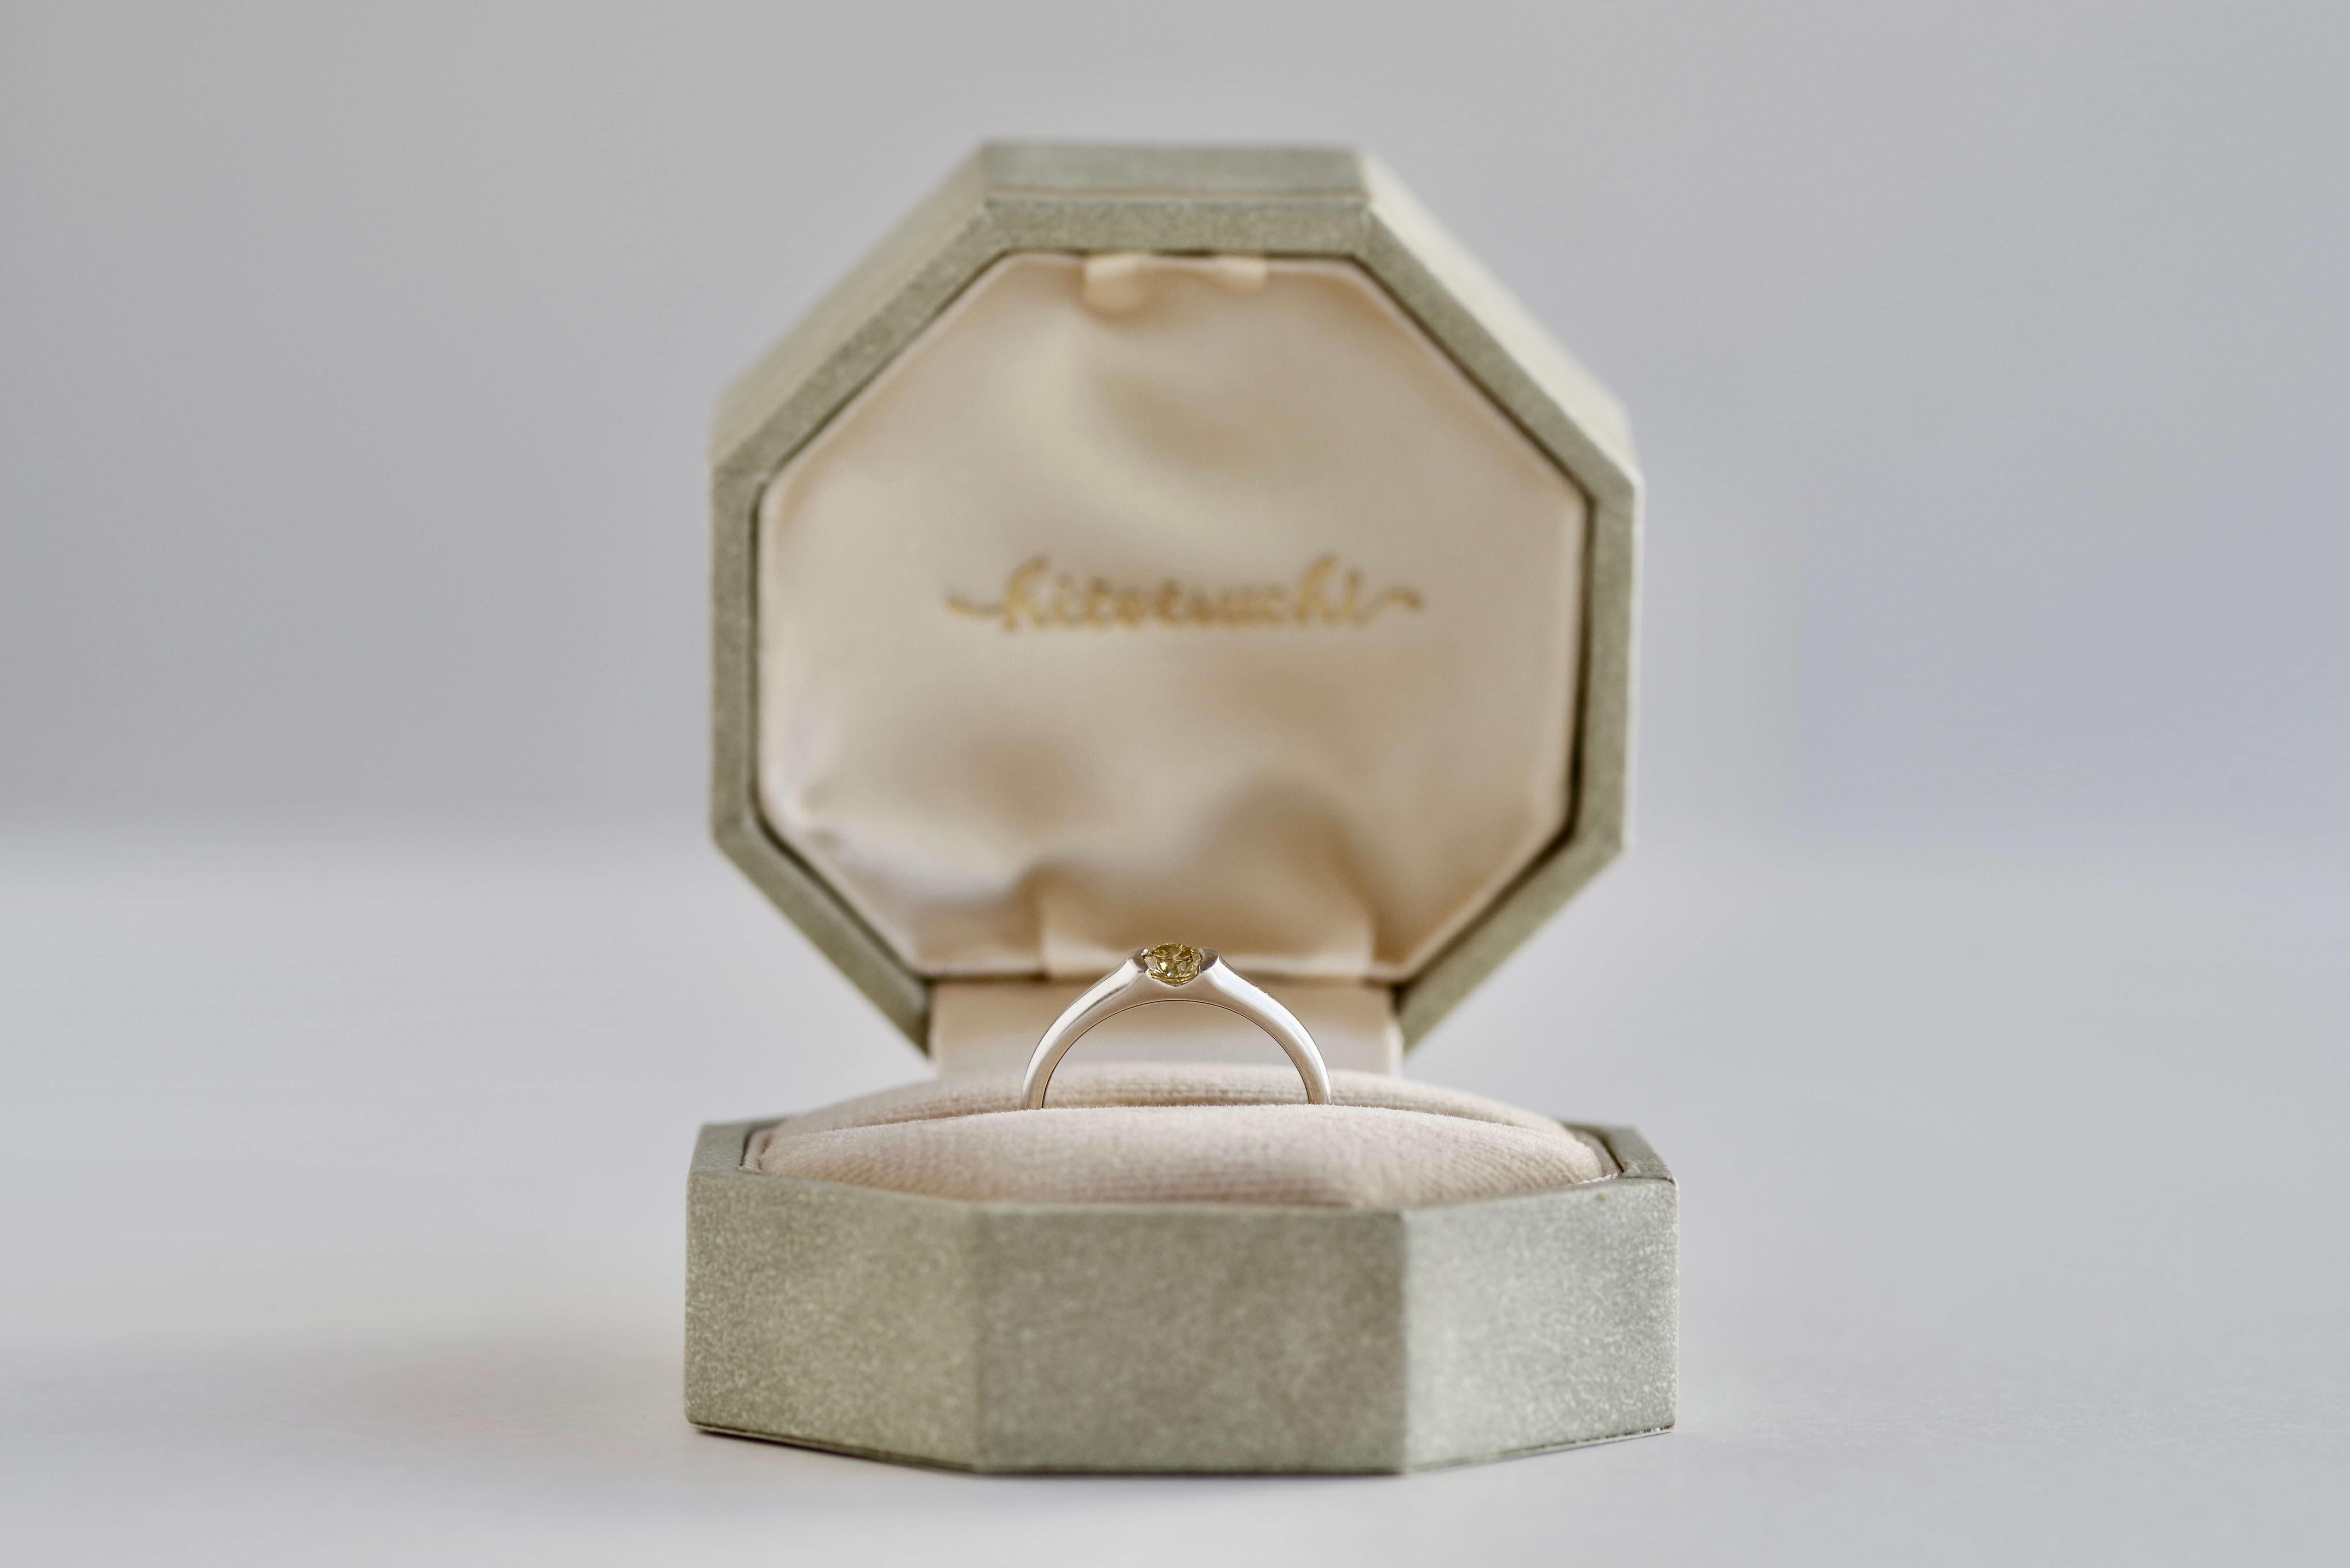 婚約指輪 オーダーメイド イエローダイヤモンド